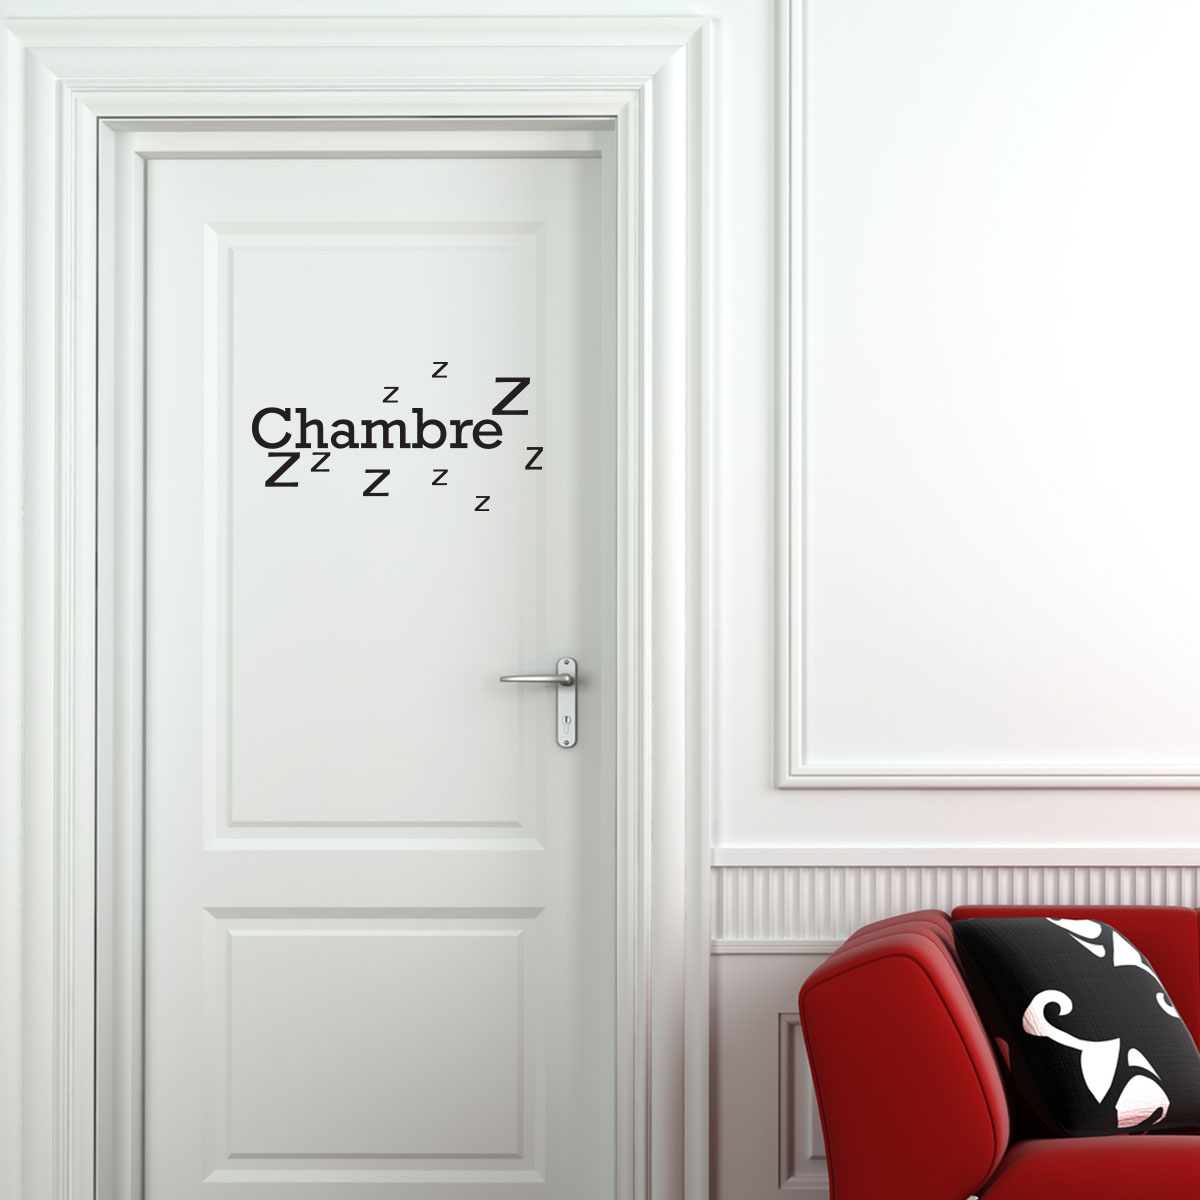 Sticker porte Chambre Zzz  Stickers Chambre Texte  Ambiancesticker